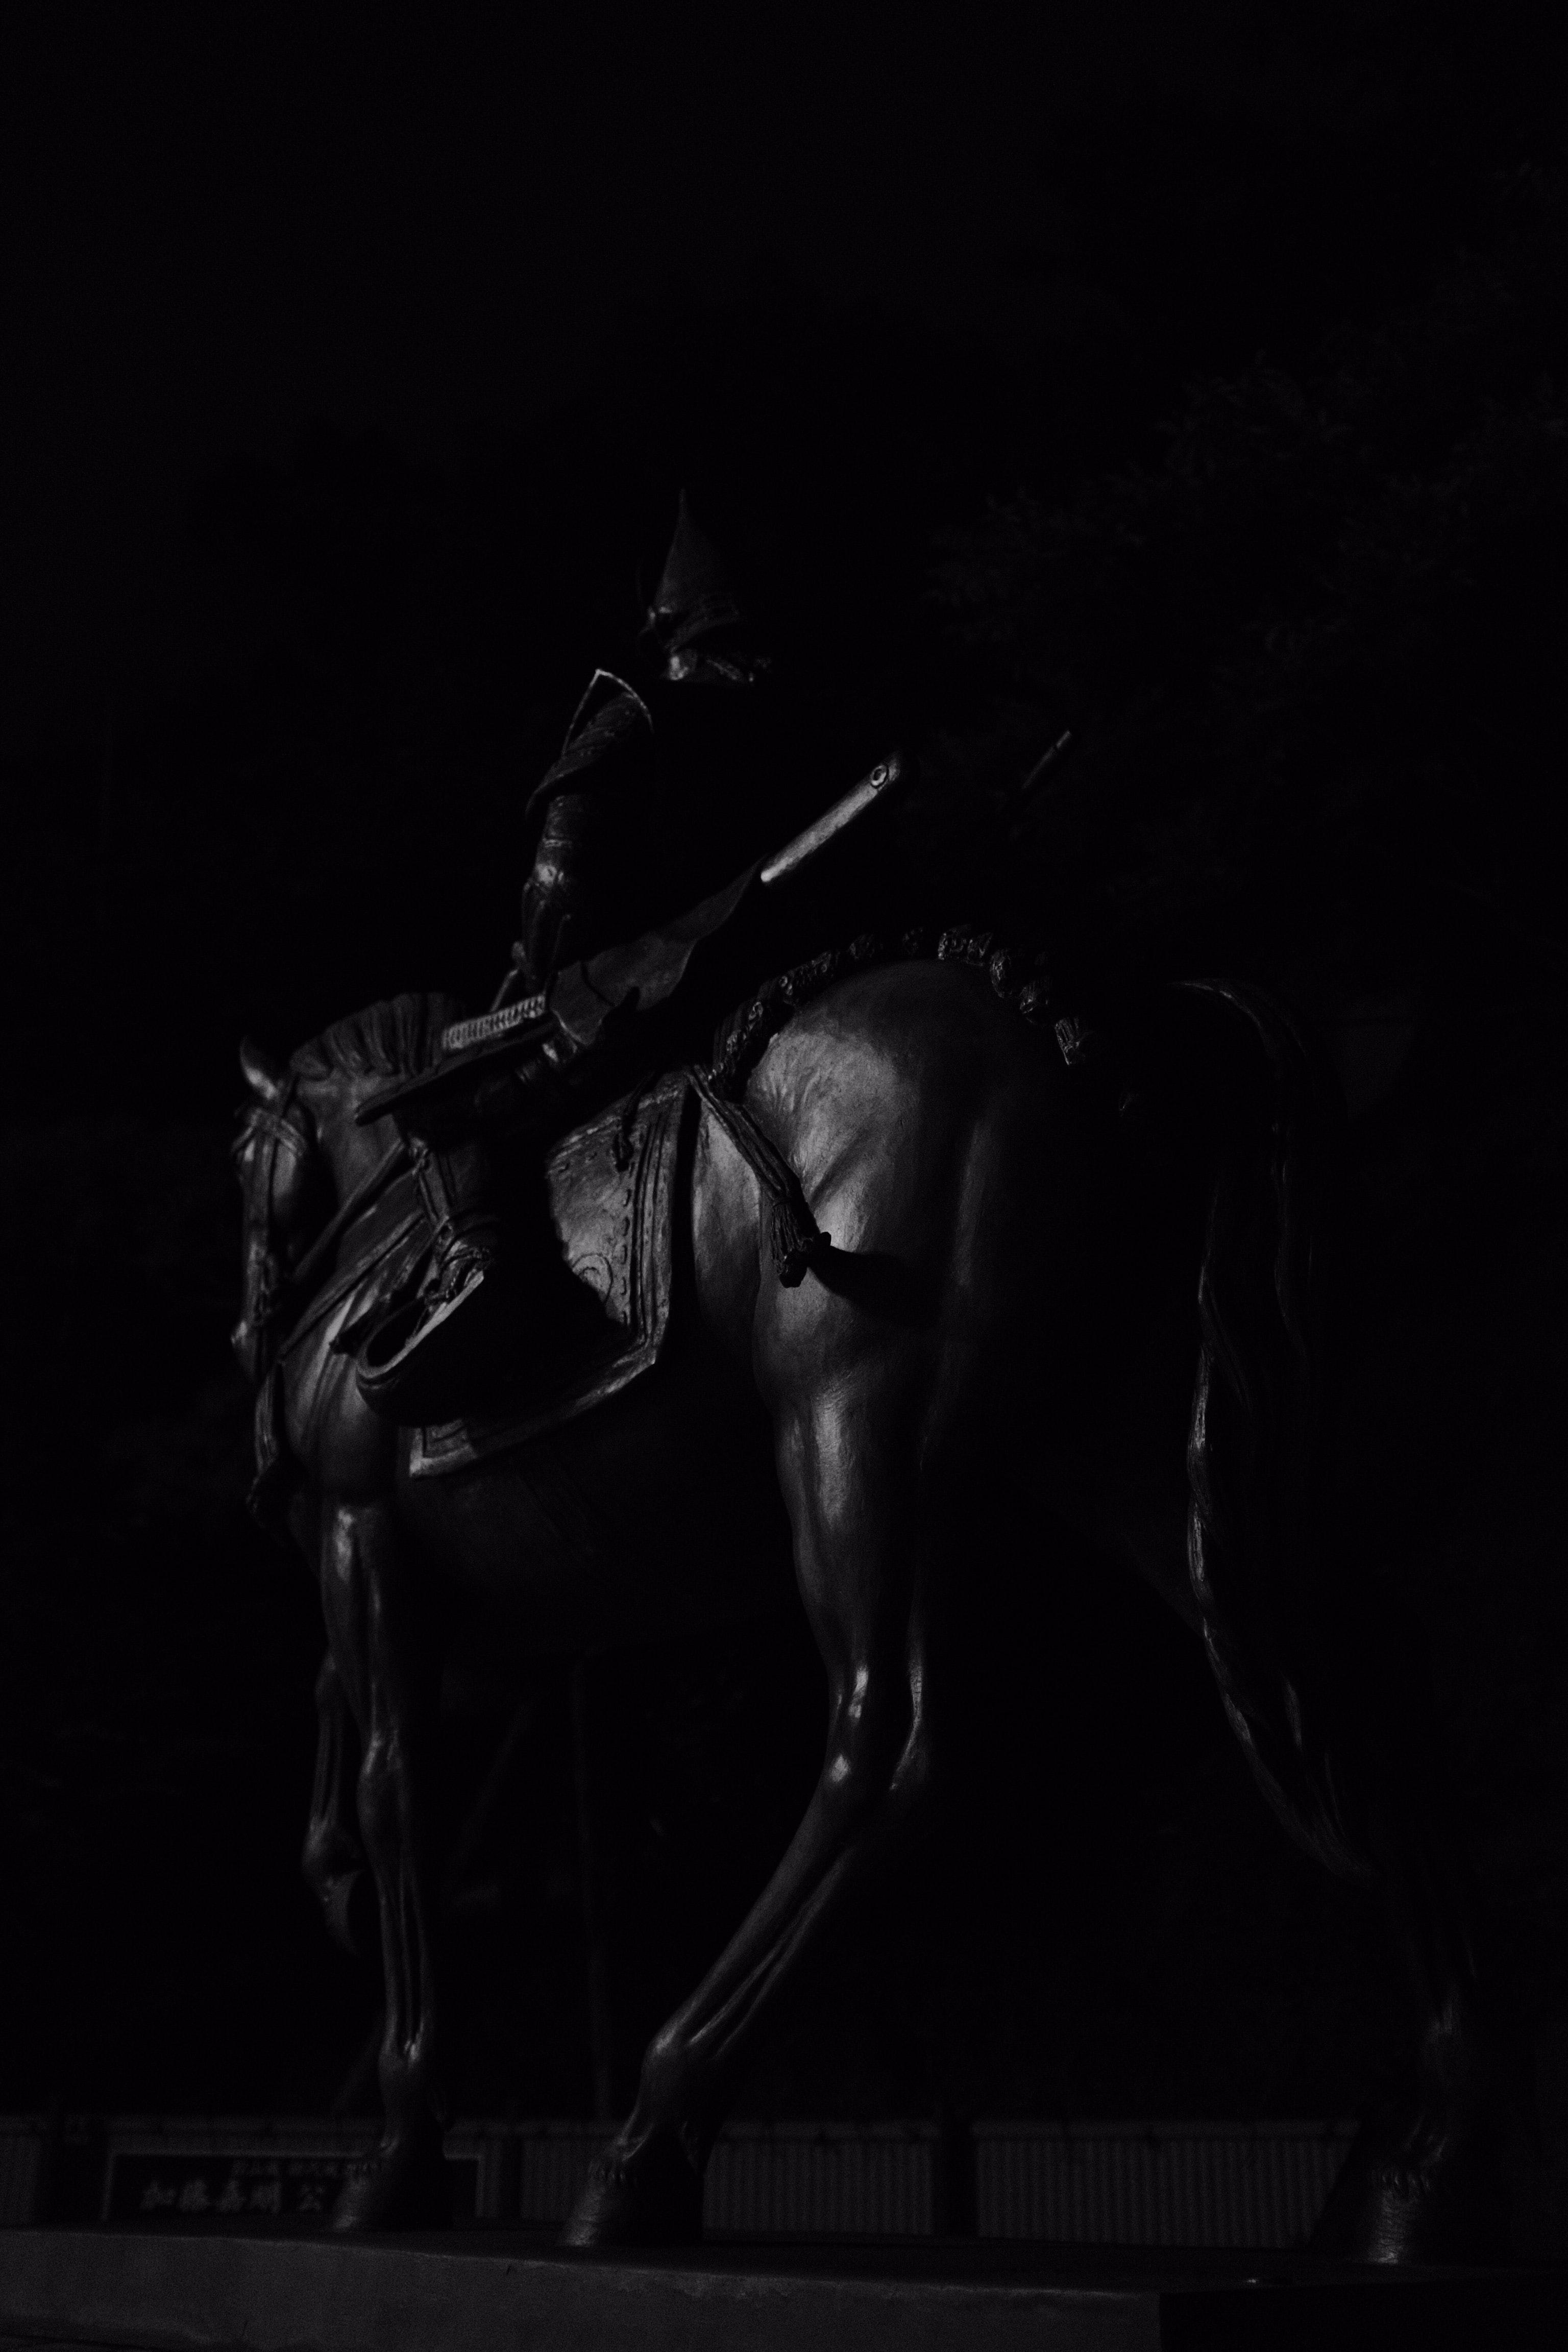 Black Horse With Black Background Photo Free Animal Image On Unsplash